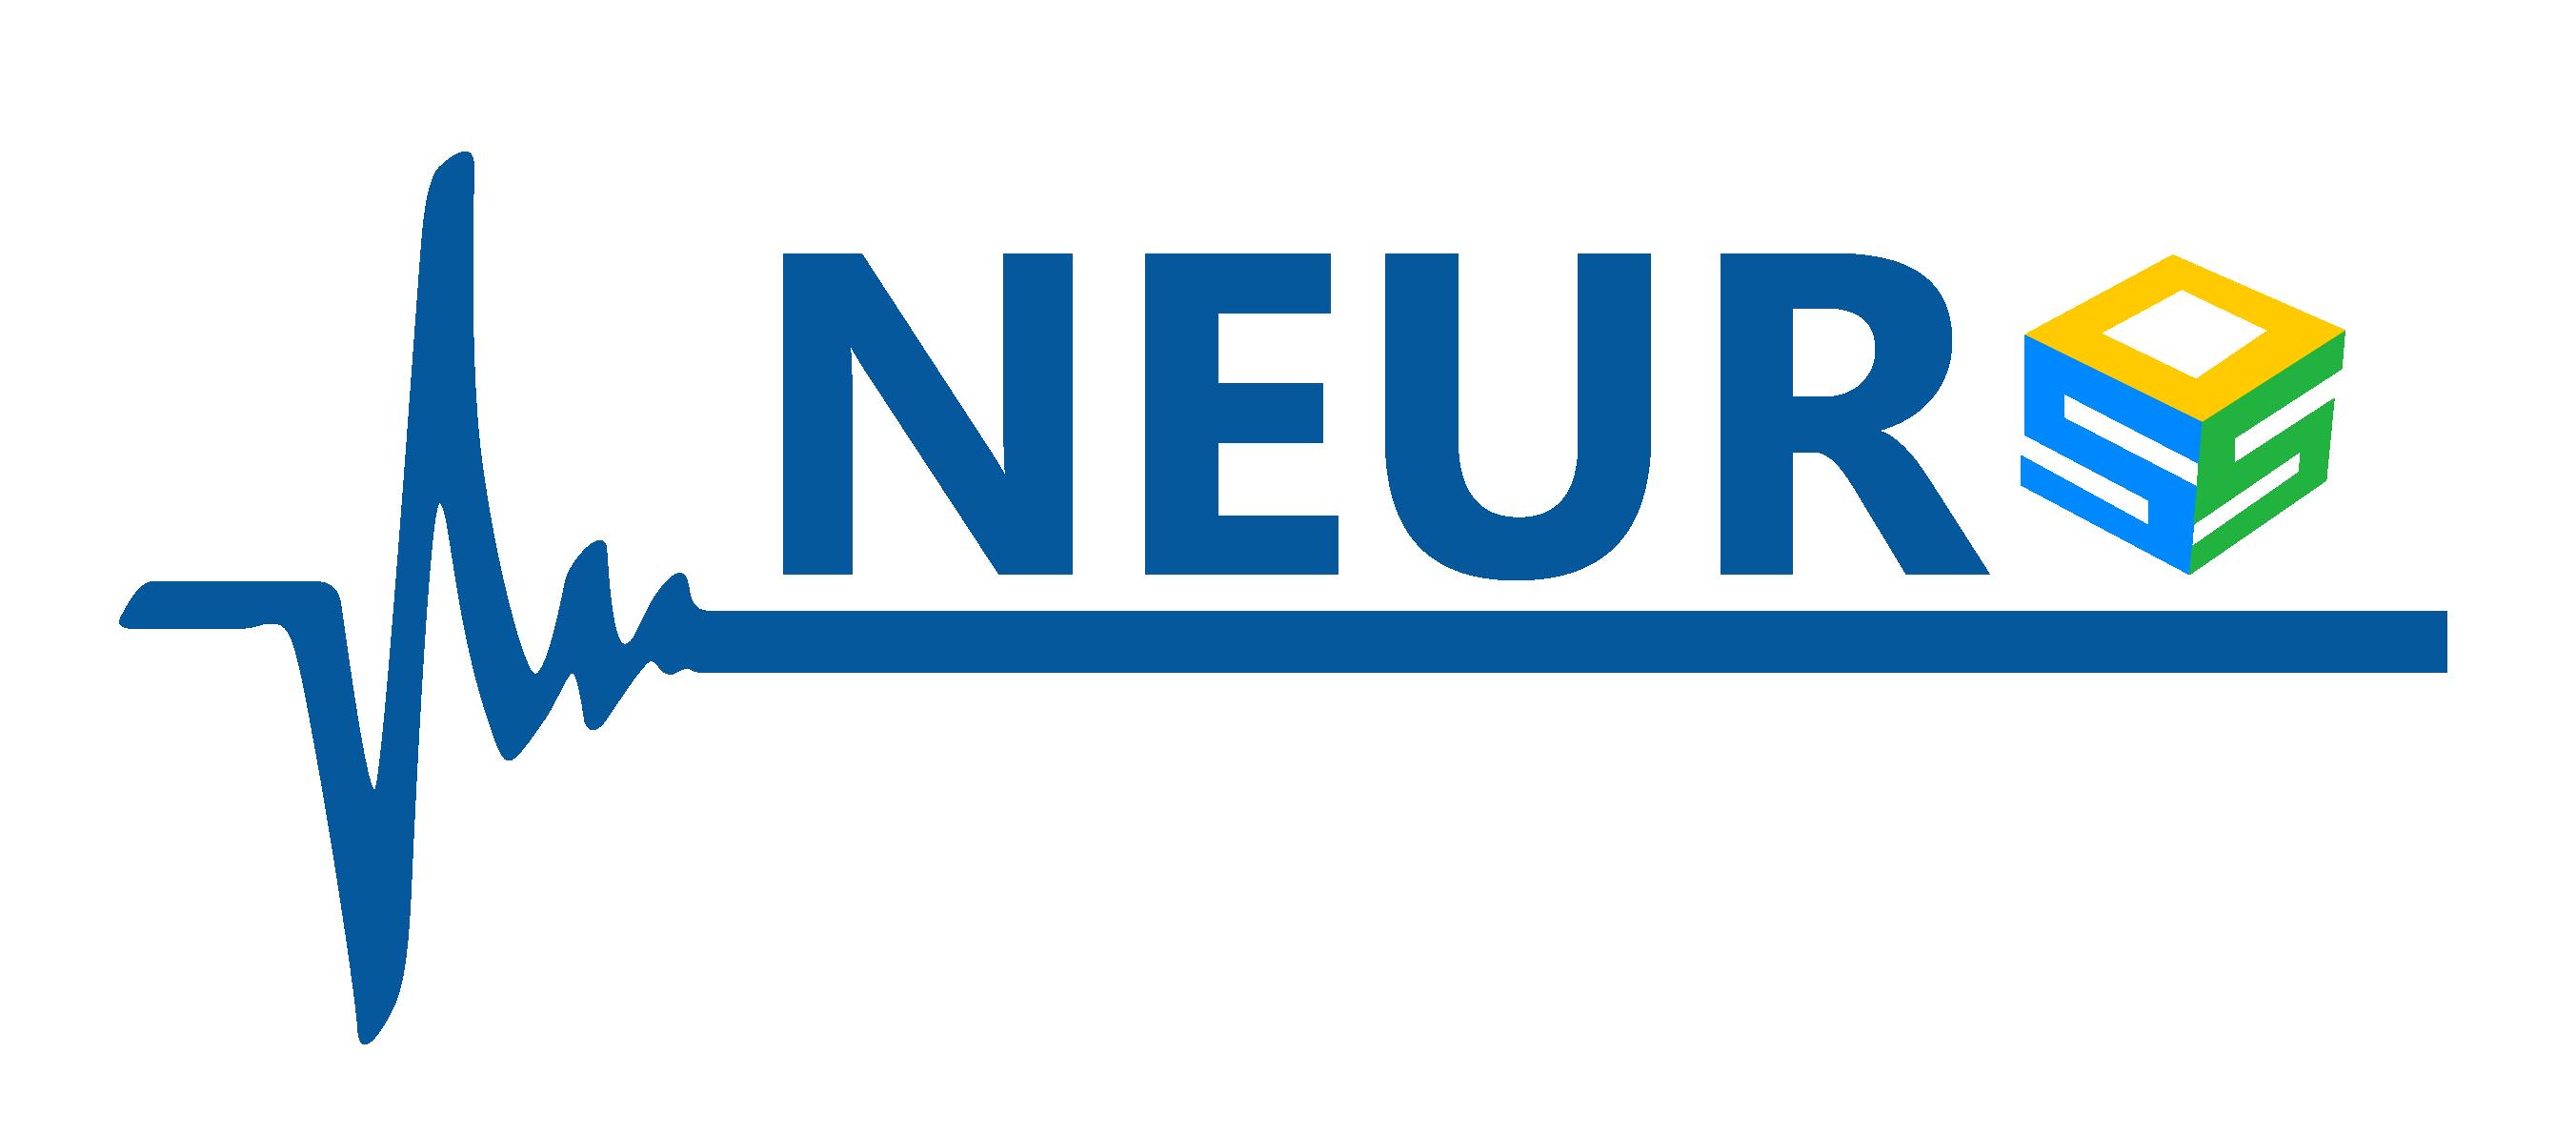 NEUROSS